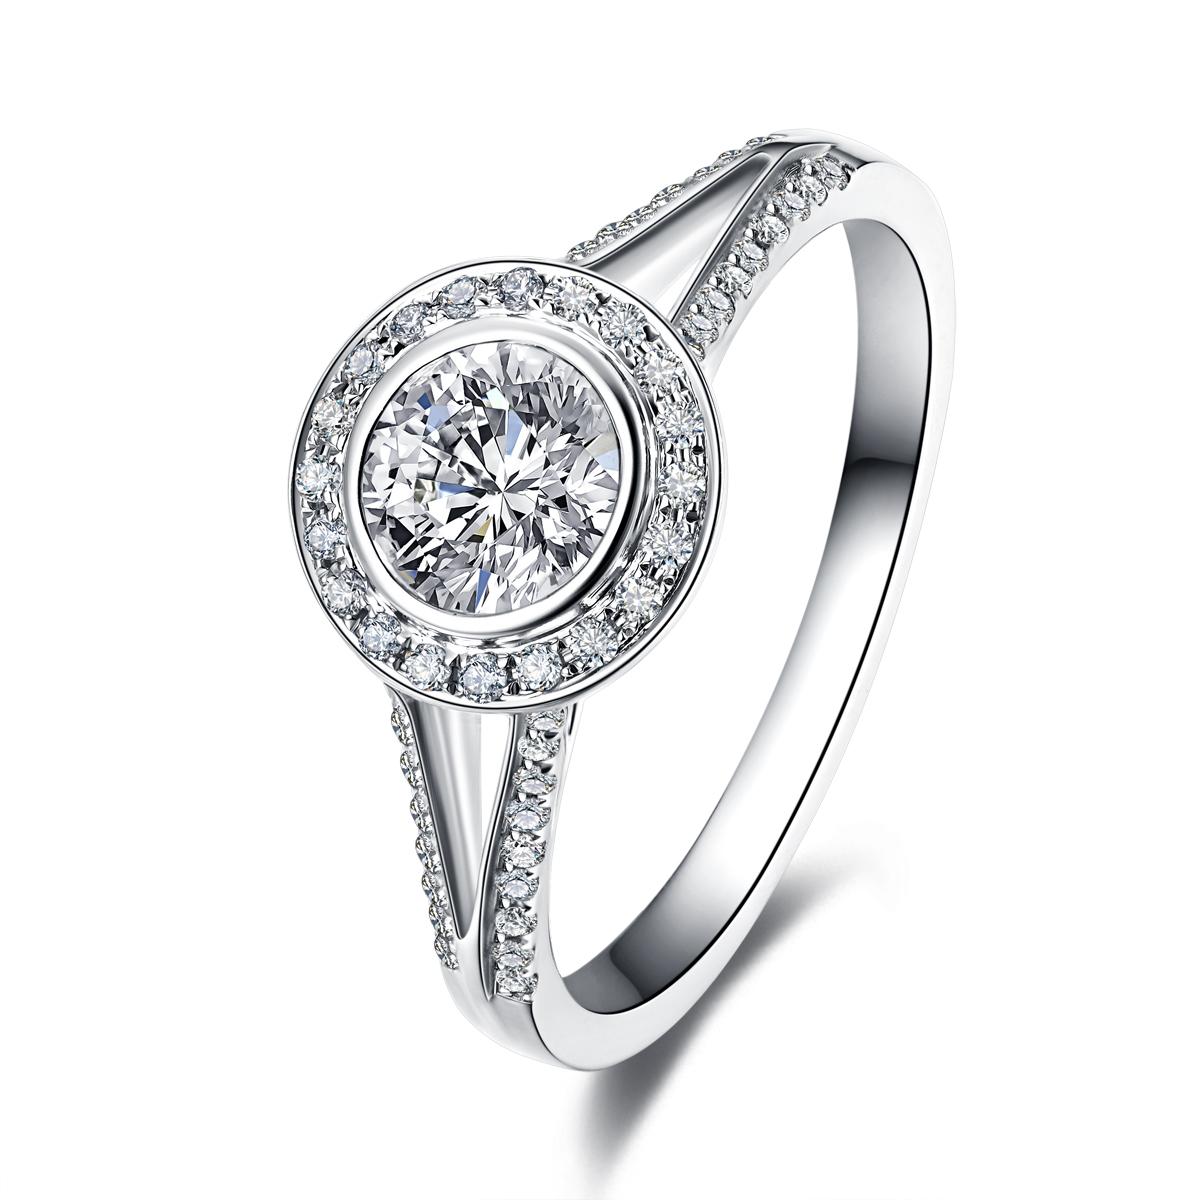 优惠的价格能买到满意的求婚钻戒吗